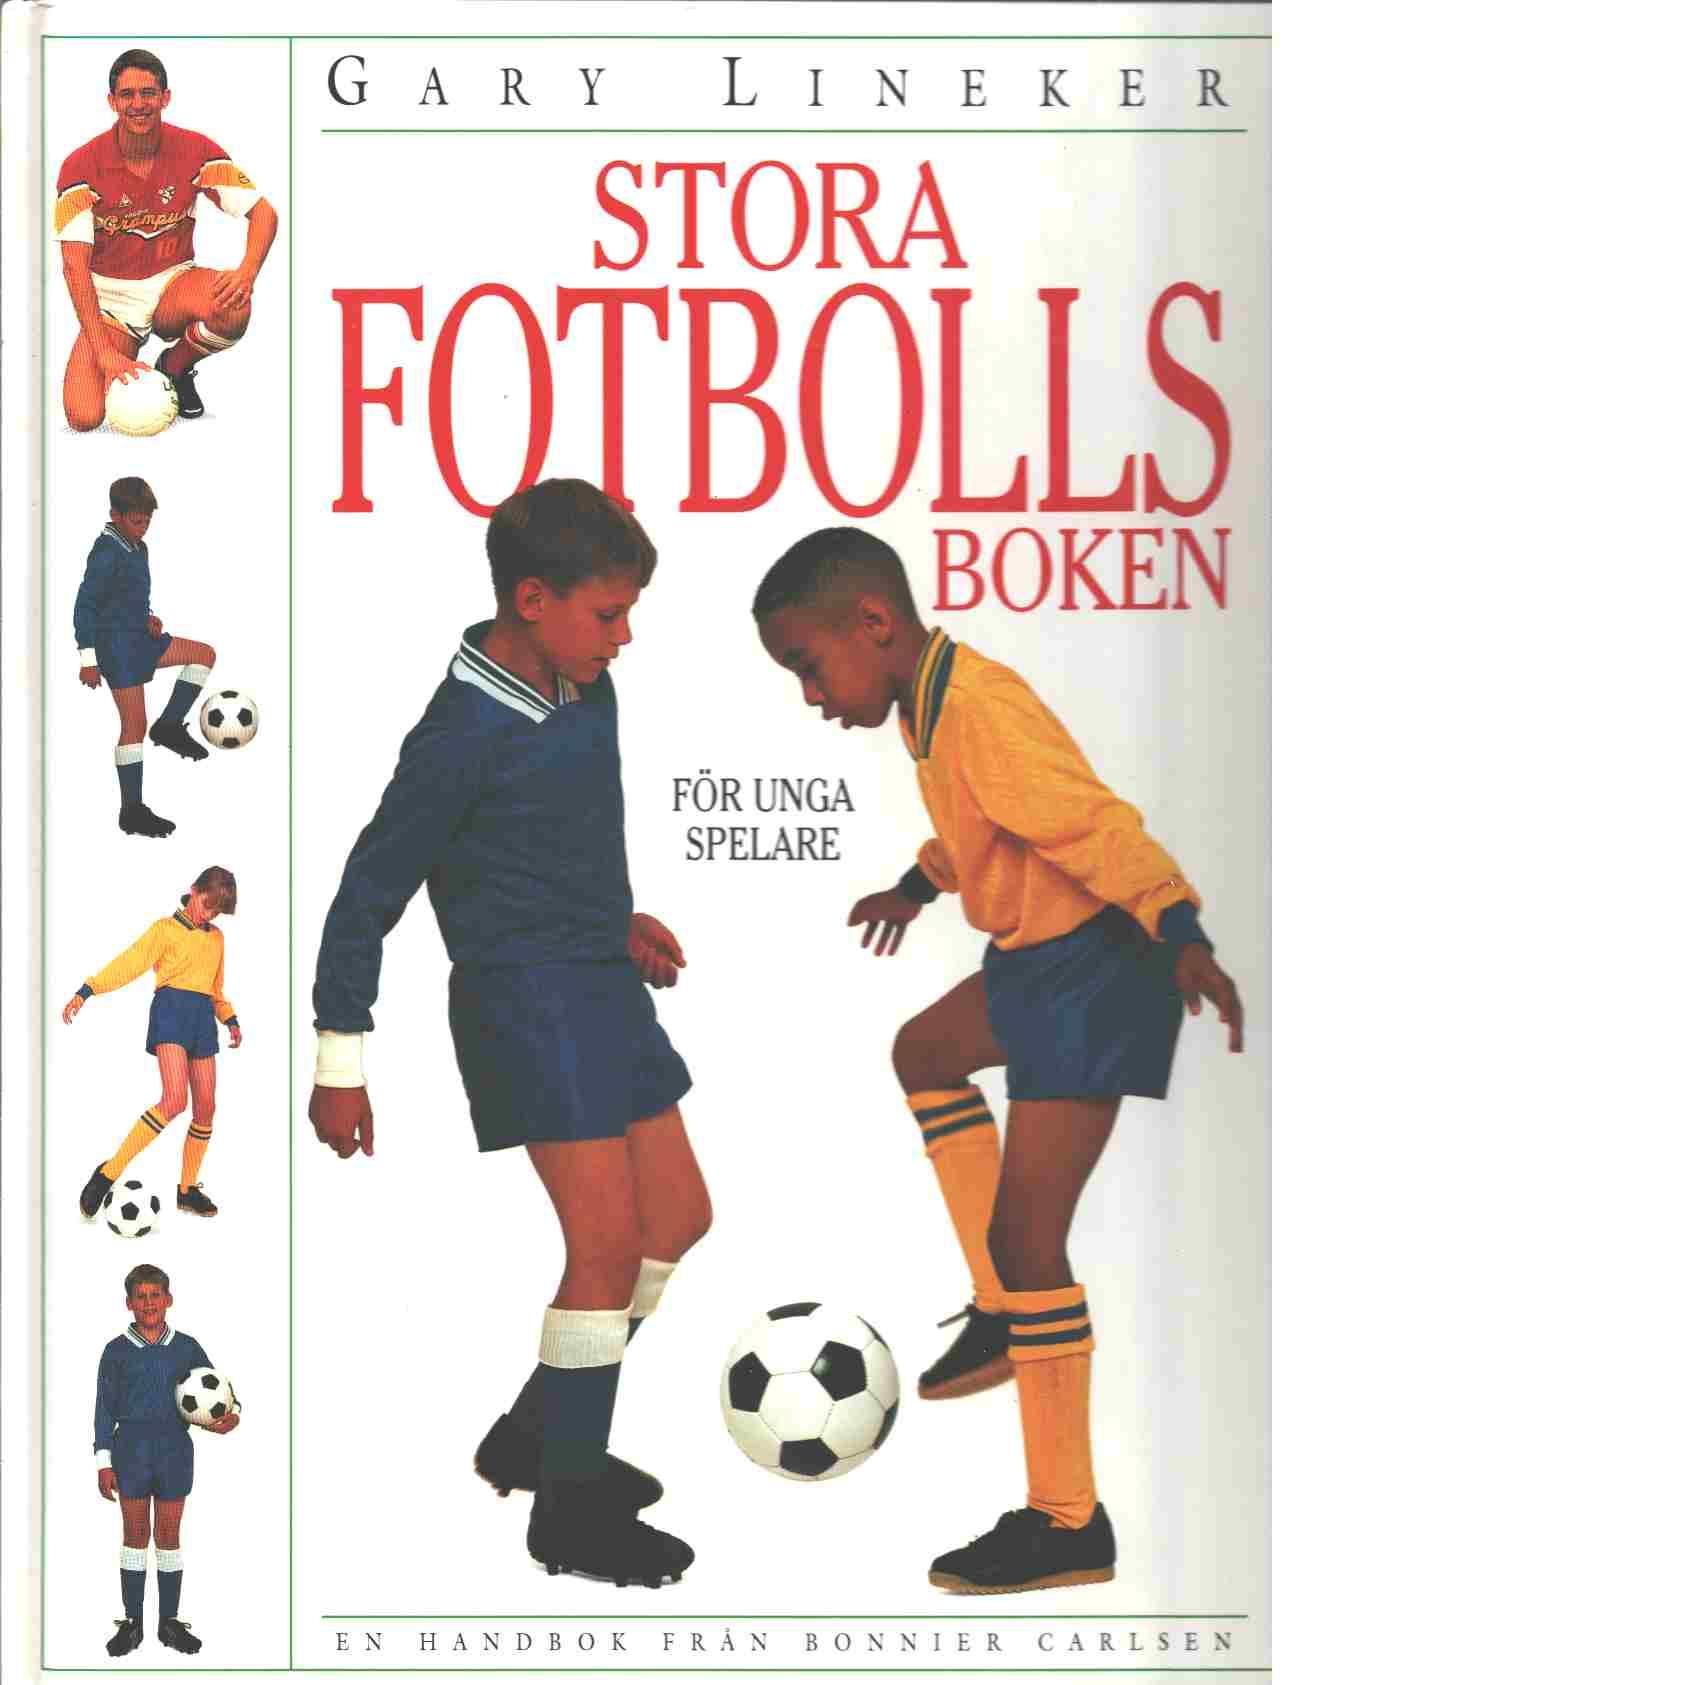 Stora fotbollsboken för unga spelare - Lineker, Gary